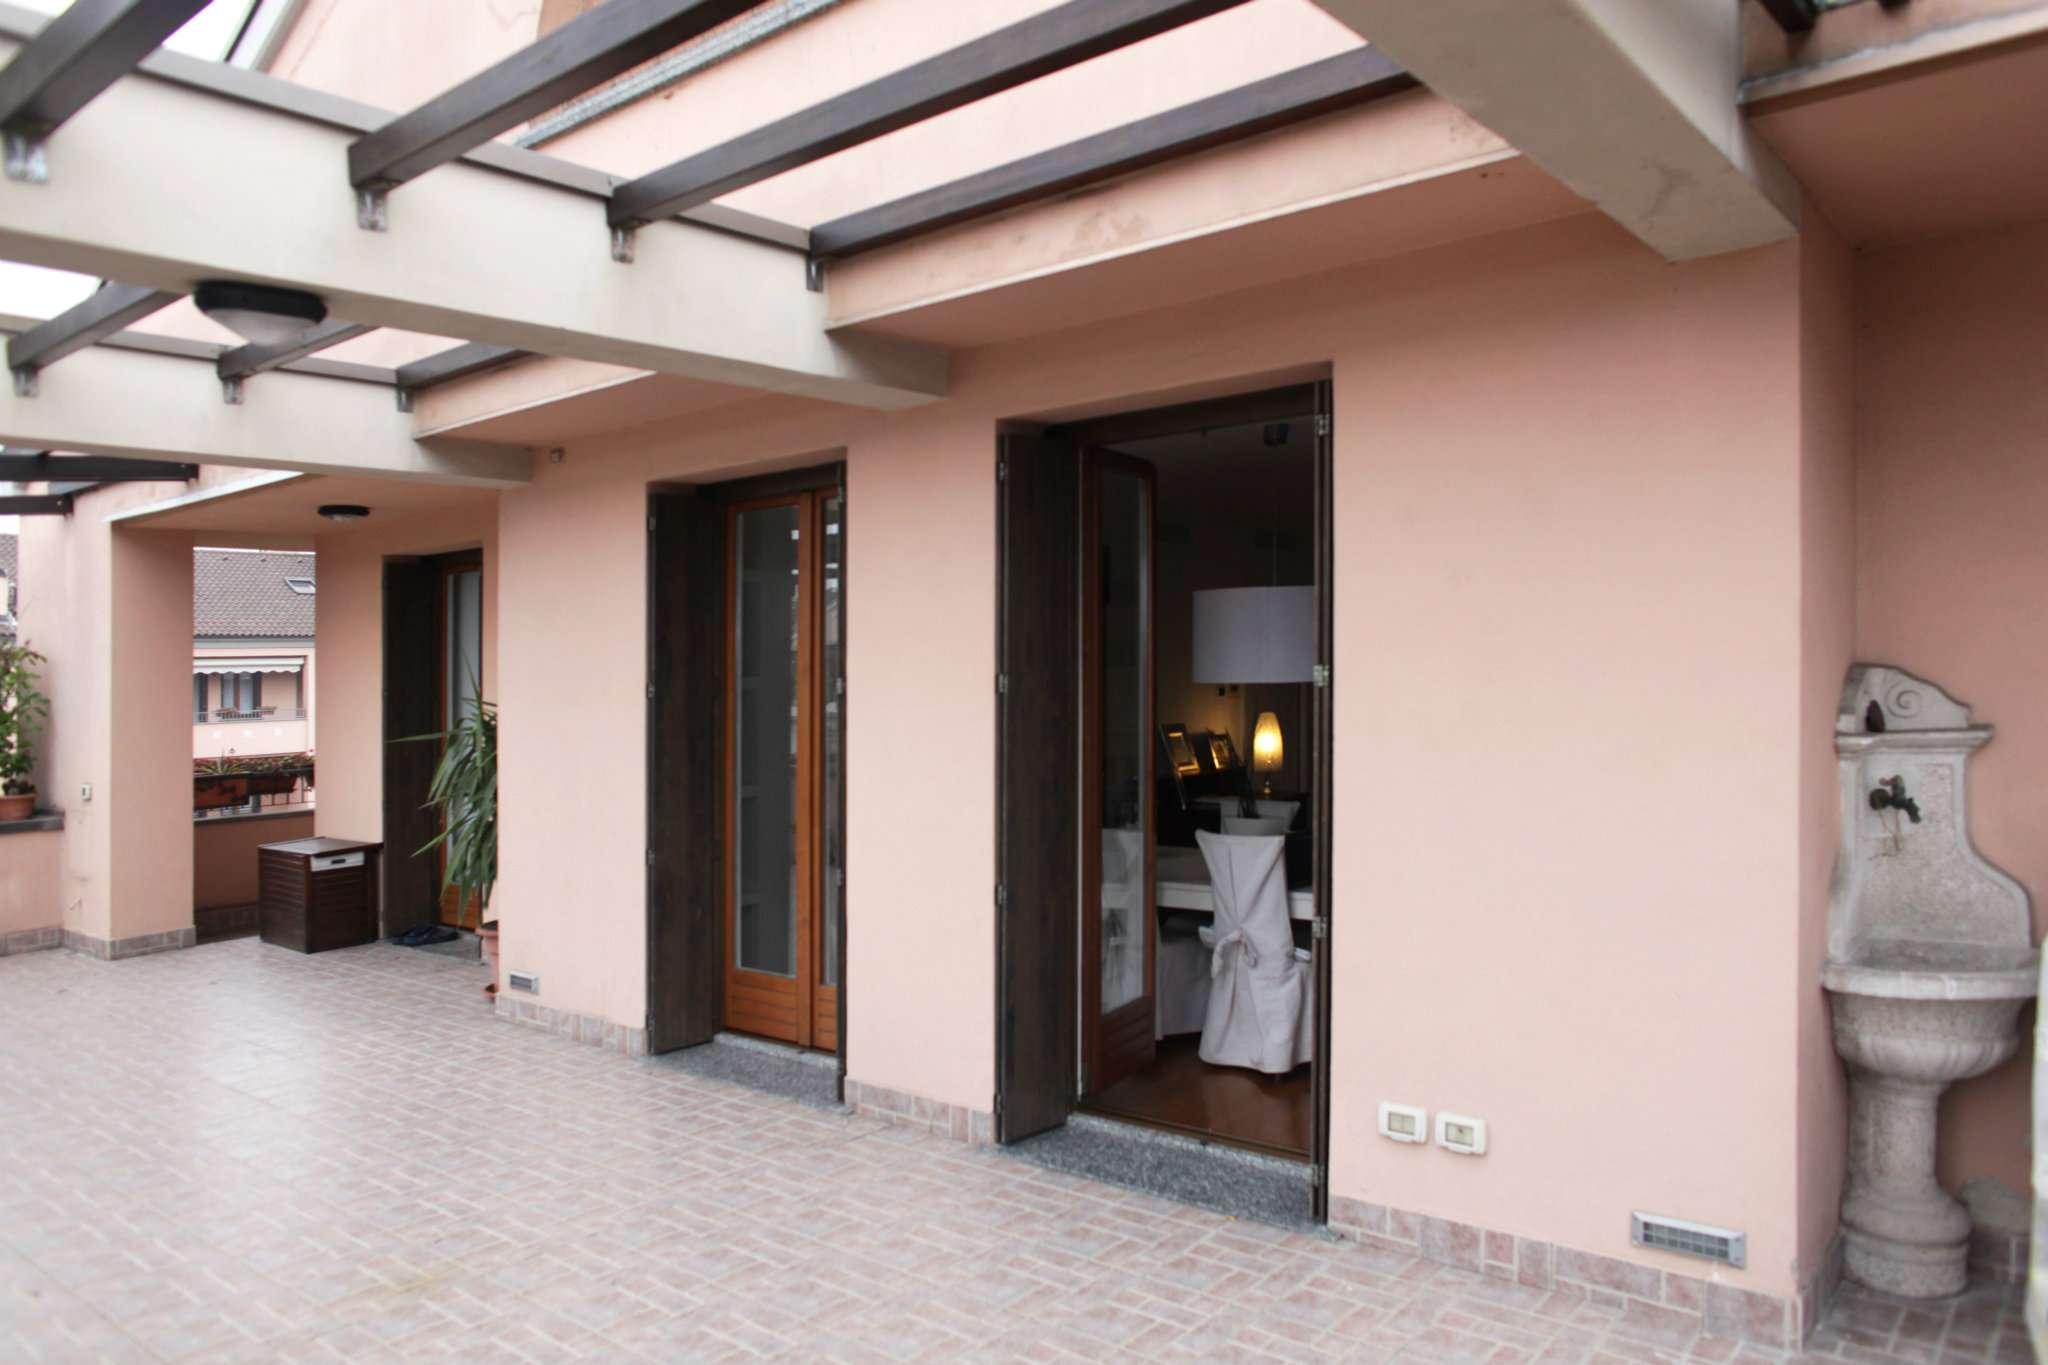 Attico / Mansarda in vendita a Paderno Dugnano, 5 locali, Trattative riservate | Cambio Casa.it